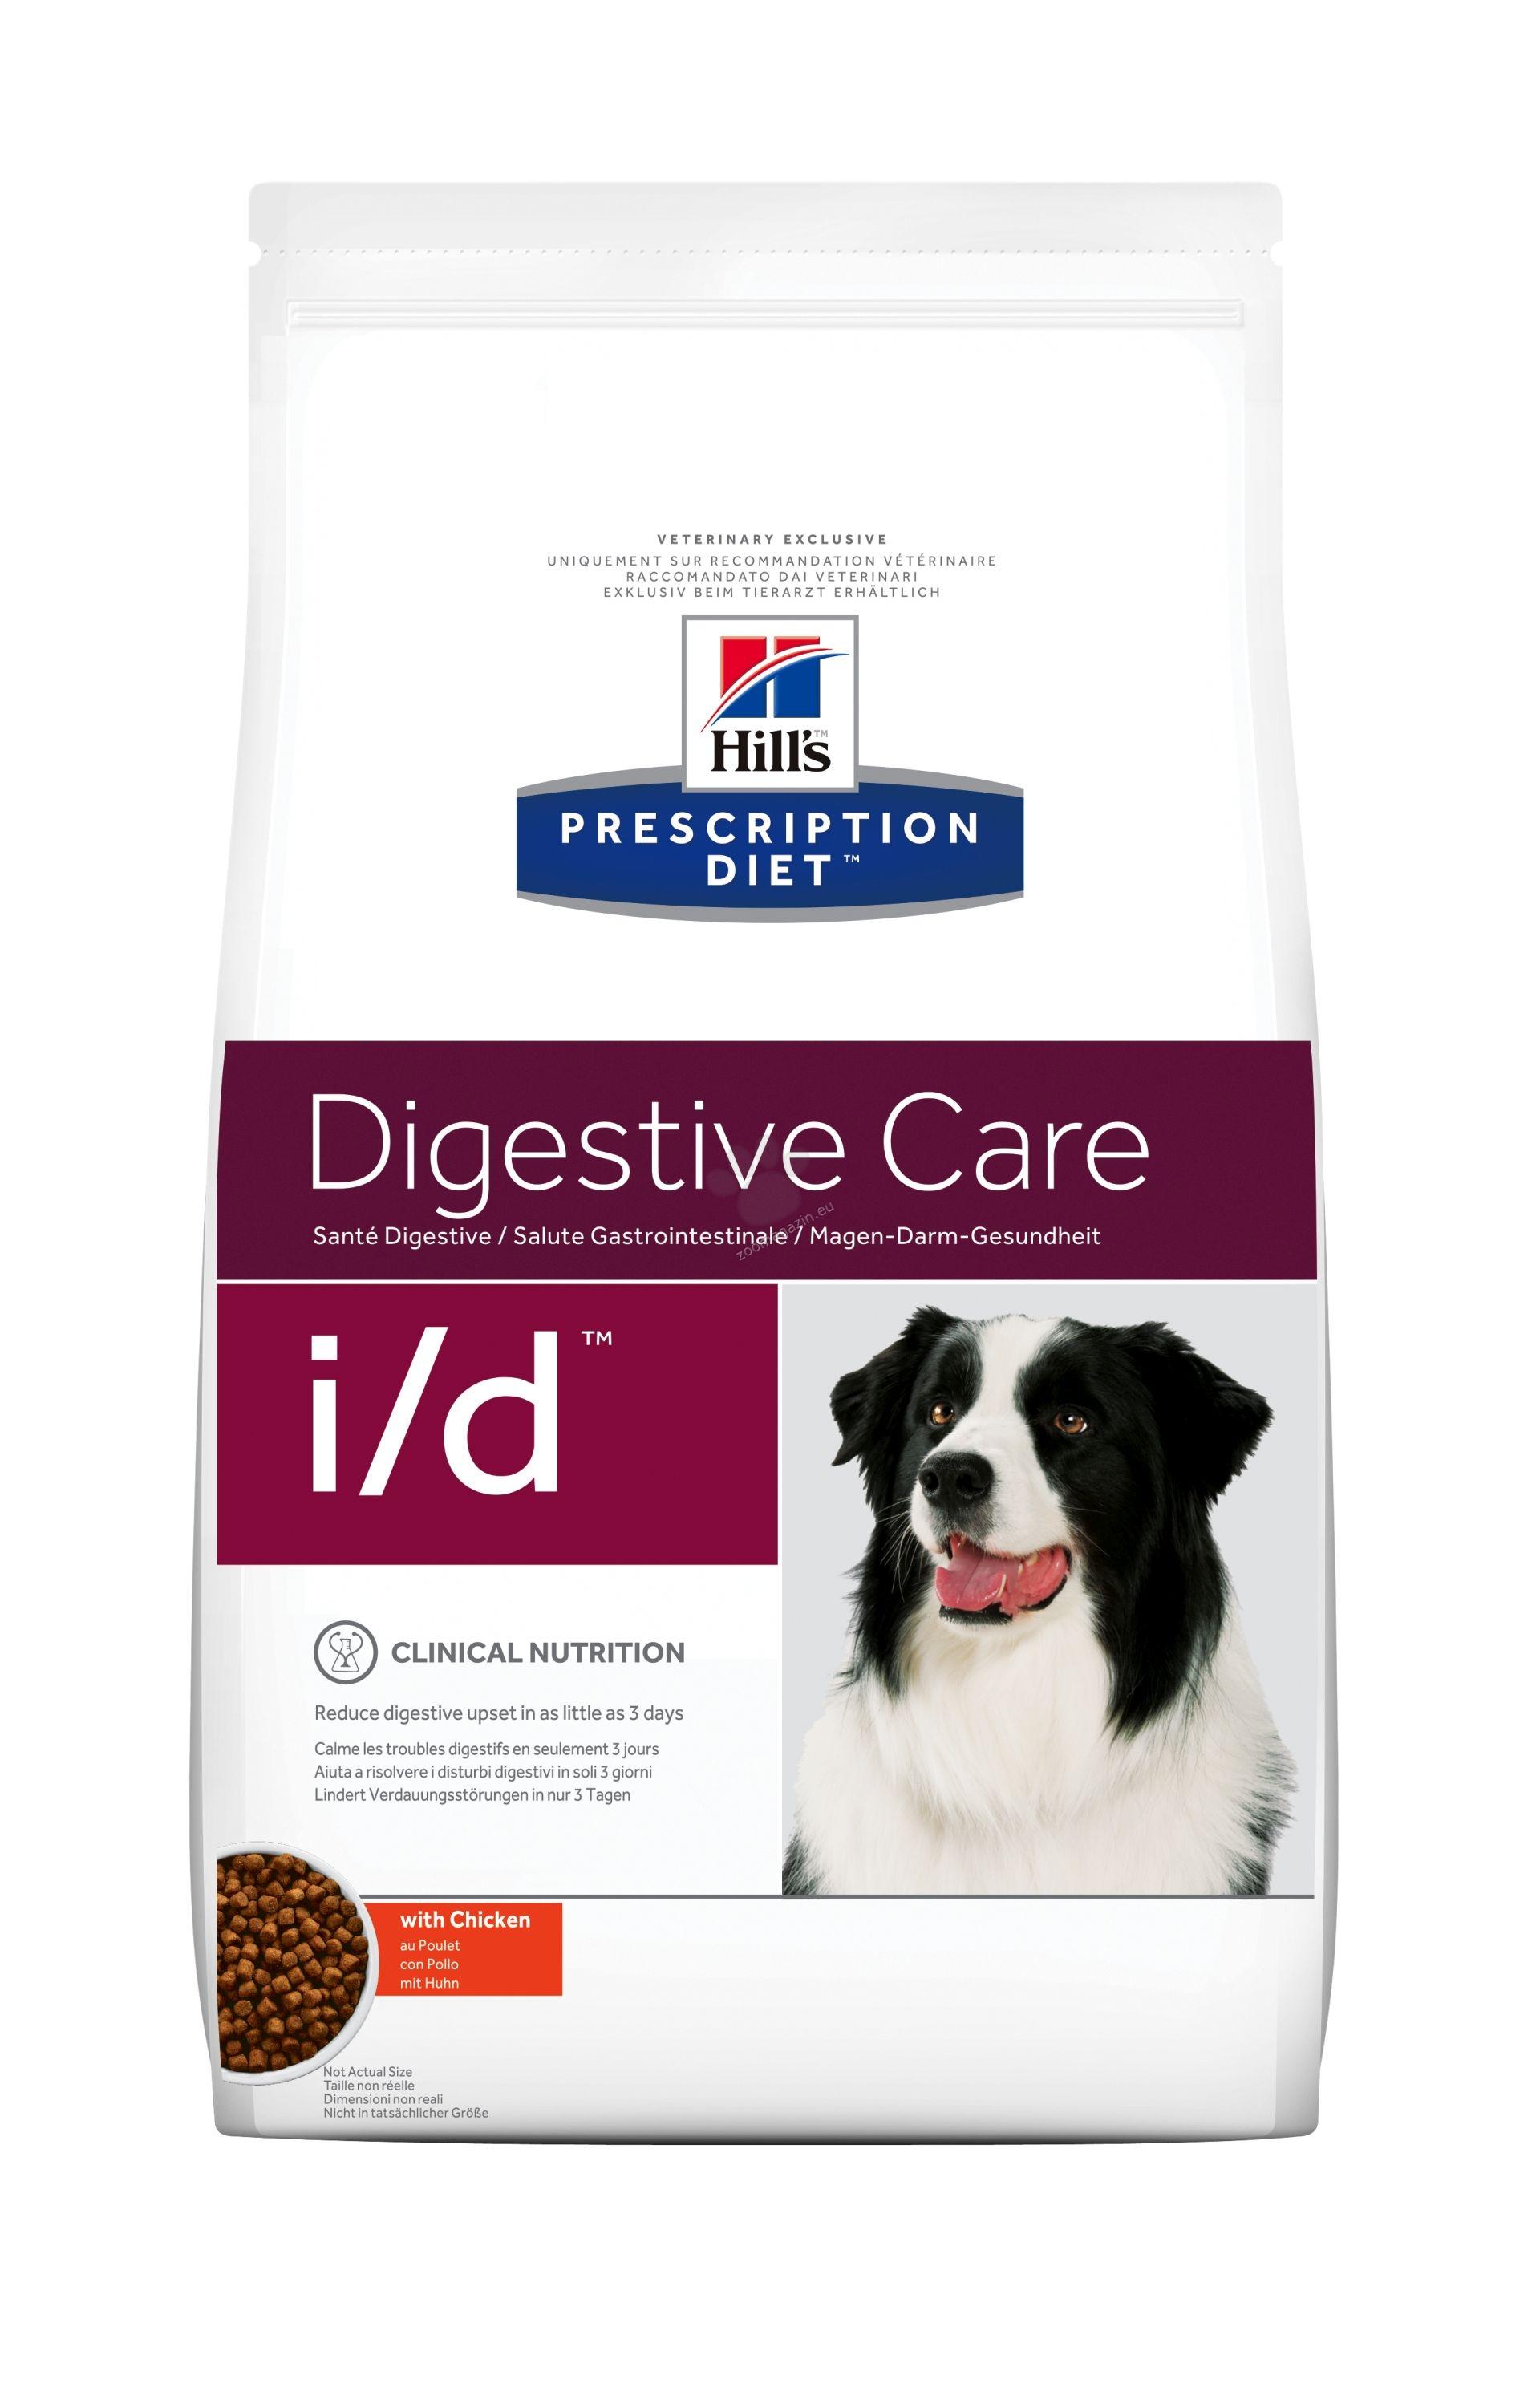 Hills Prescription Diet i/d Canine Sensitive - пълноценна суха диетична храна за лечение на хранителни алергии и непоносимост със симптоми на стомашно-чревни разстройства 1.5 кг.